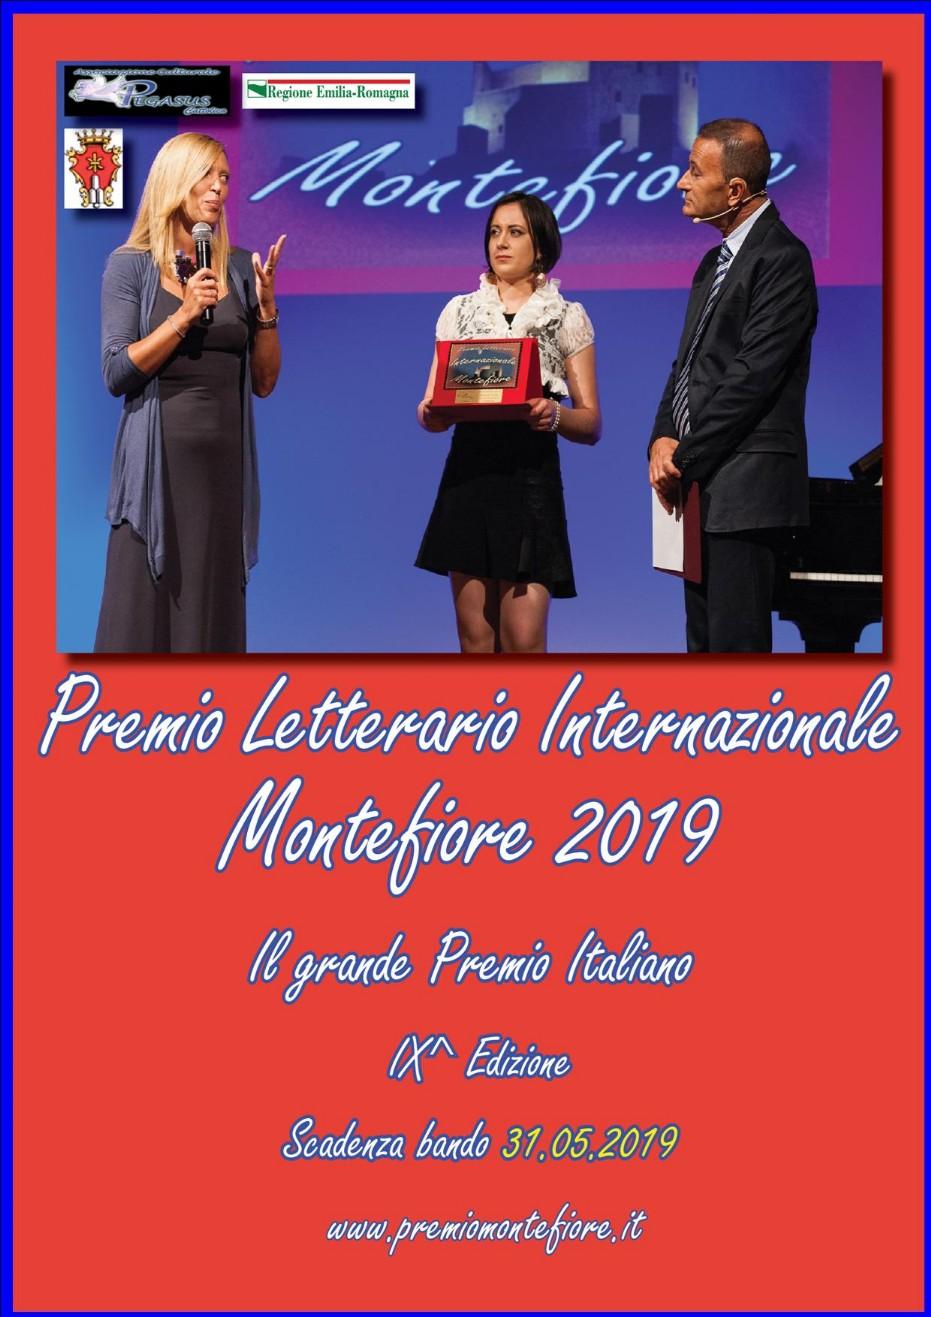 Il bando 2019 Premio Montefiore